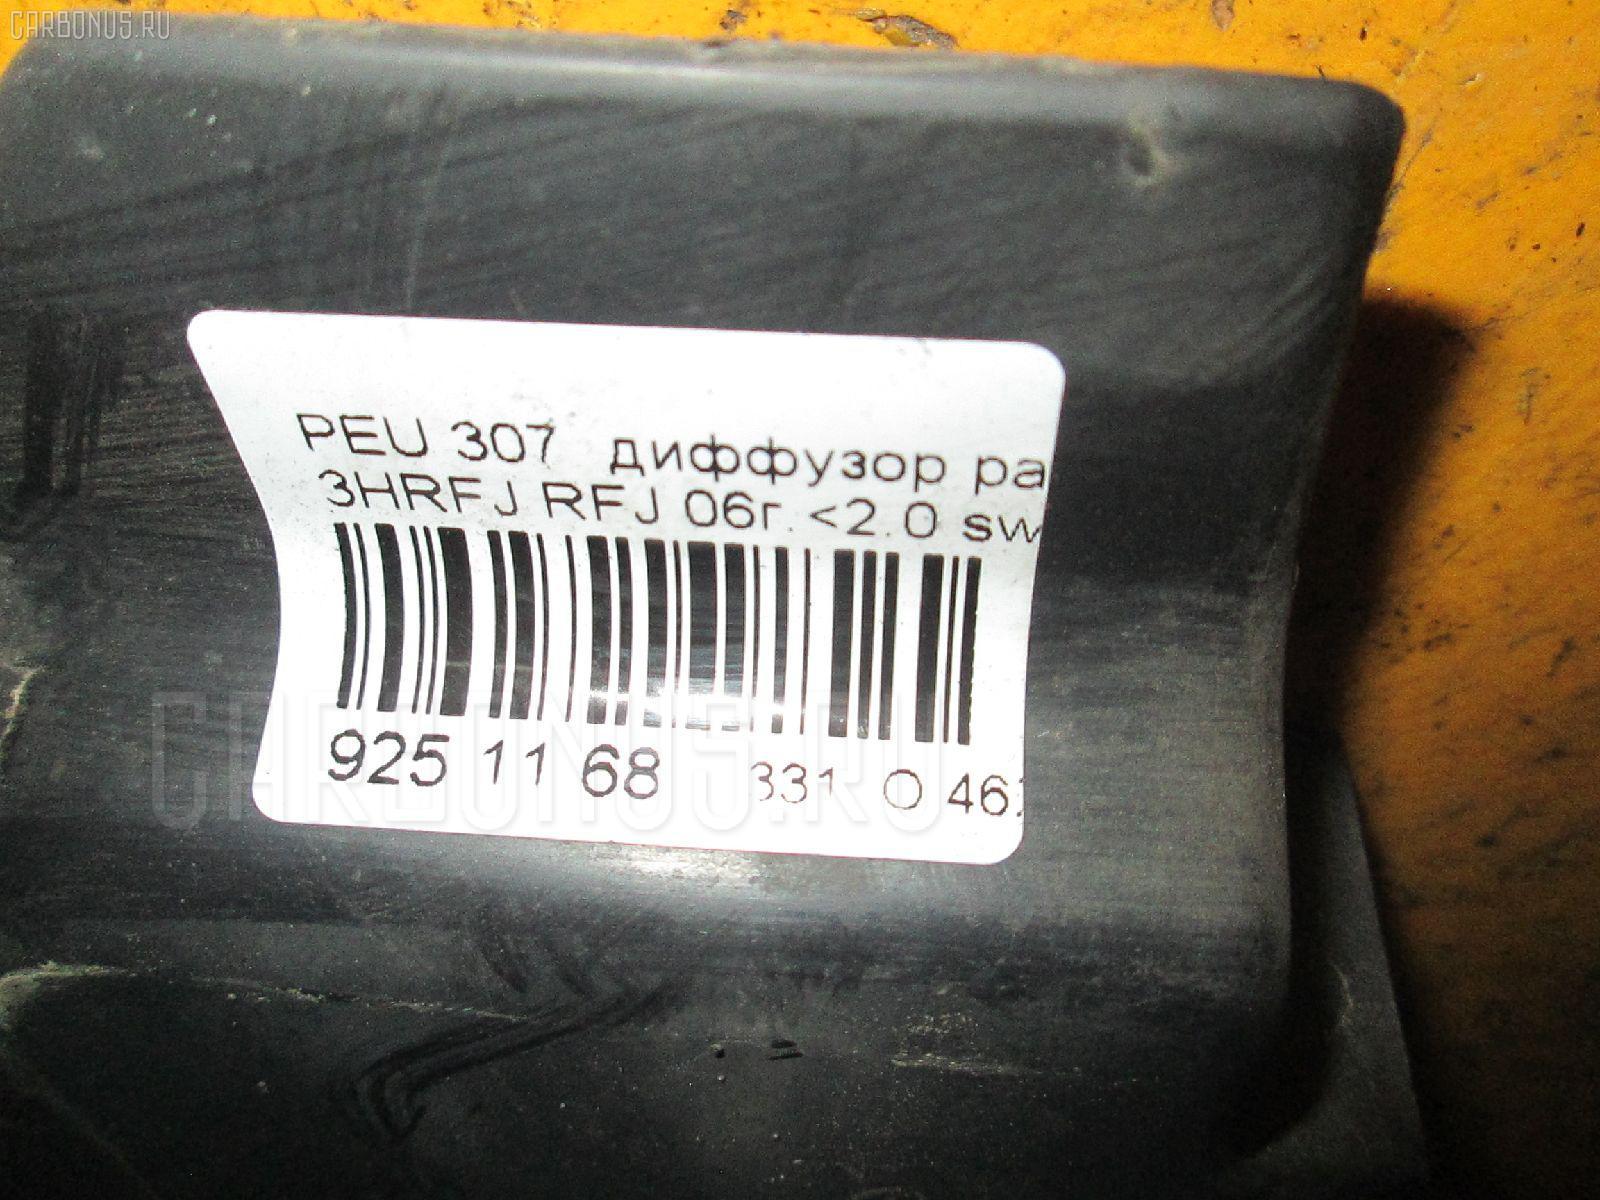 Диффузор радиатора PEUGEOT 307 SW 3HRFJ RFJ-EW10A Фото 2